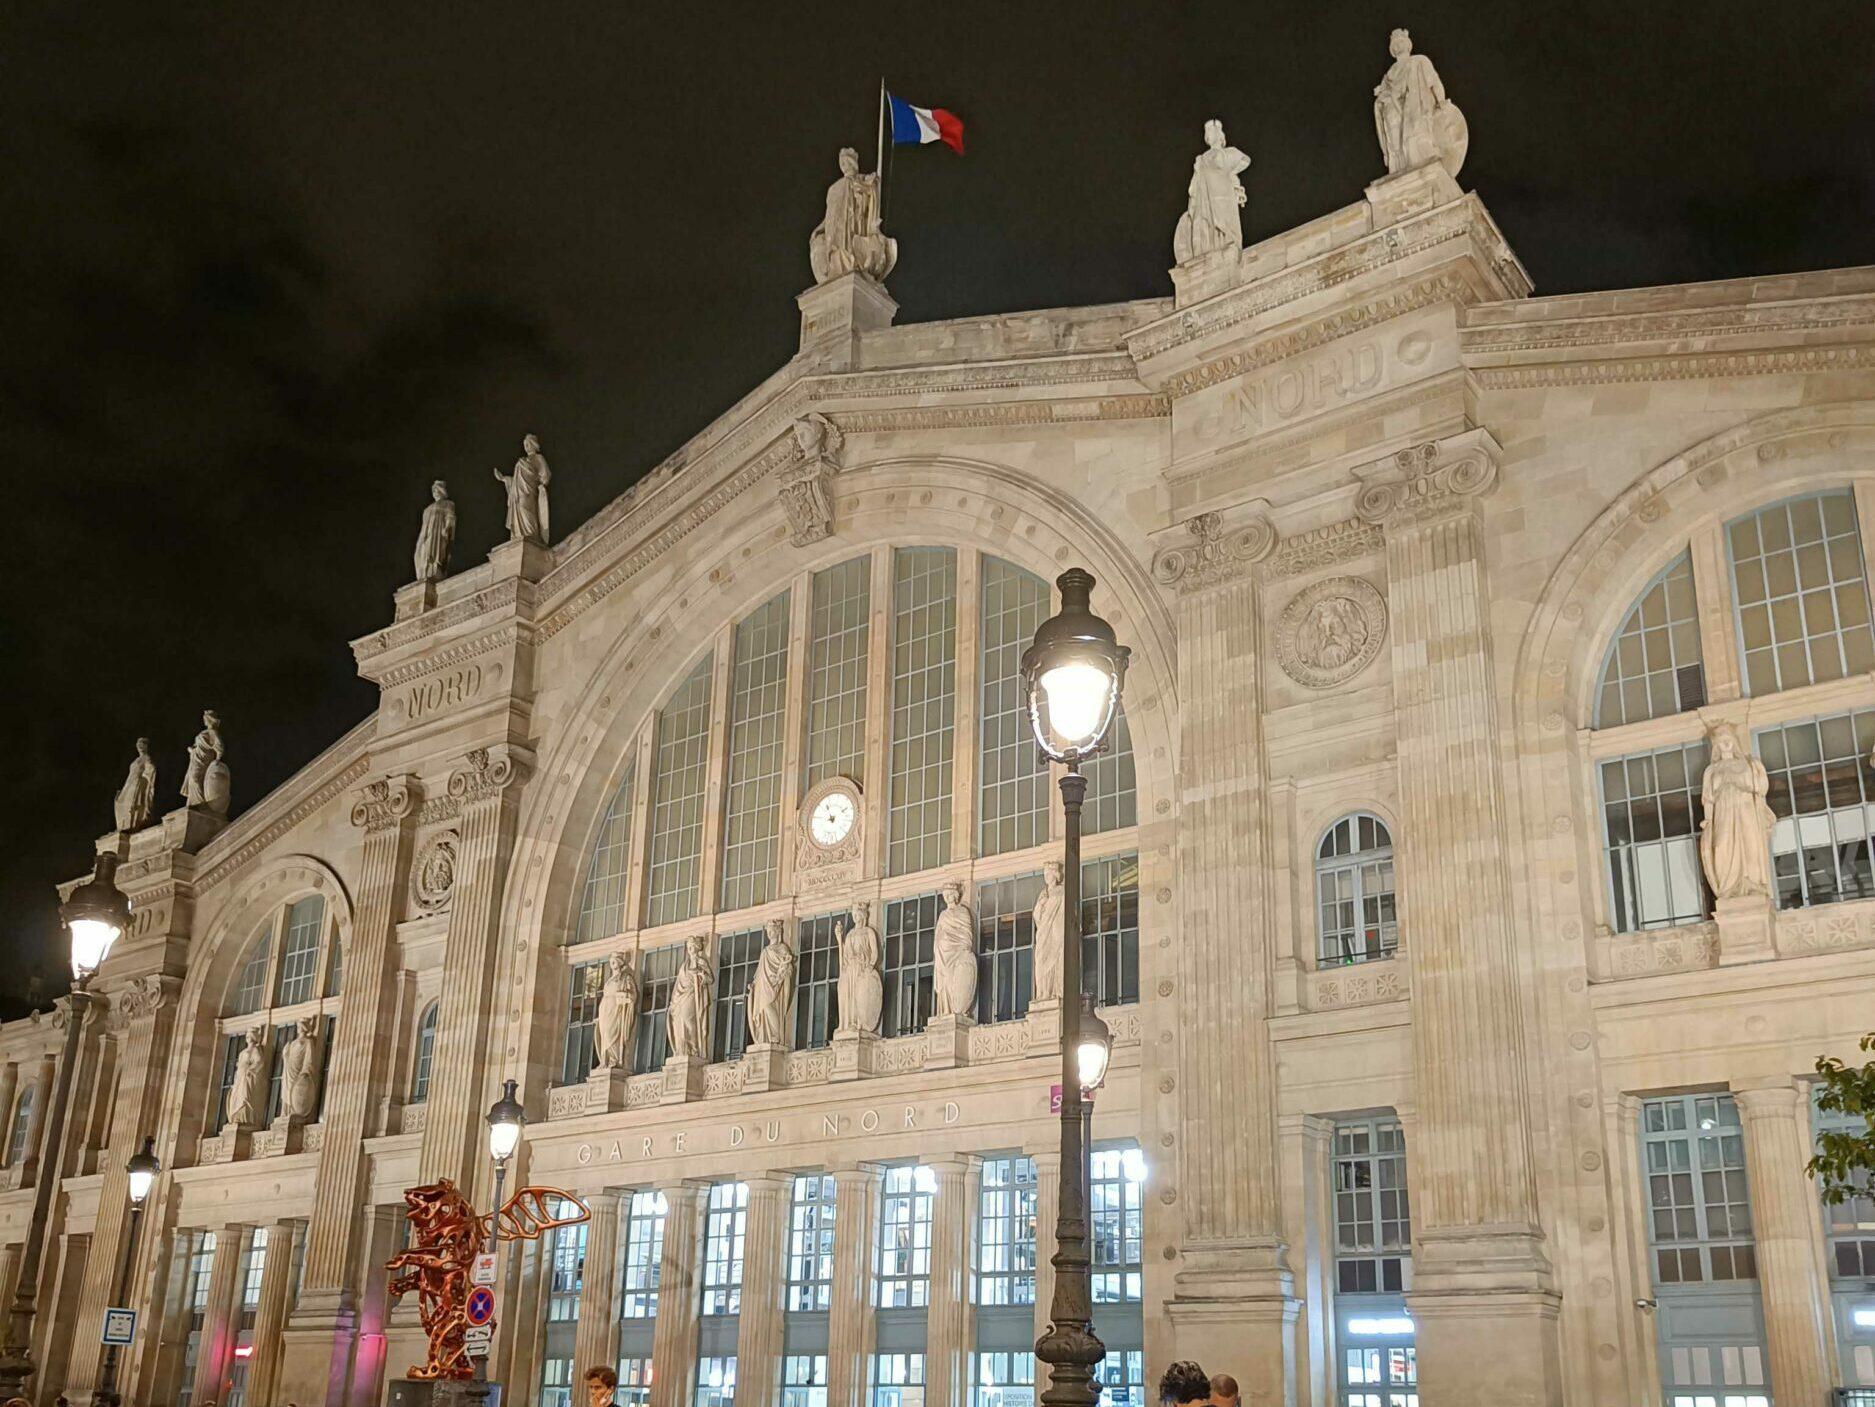 Photographie de la Gare du Nord de Paris prise avec le OnePlus Nord 2 5G de nuit